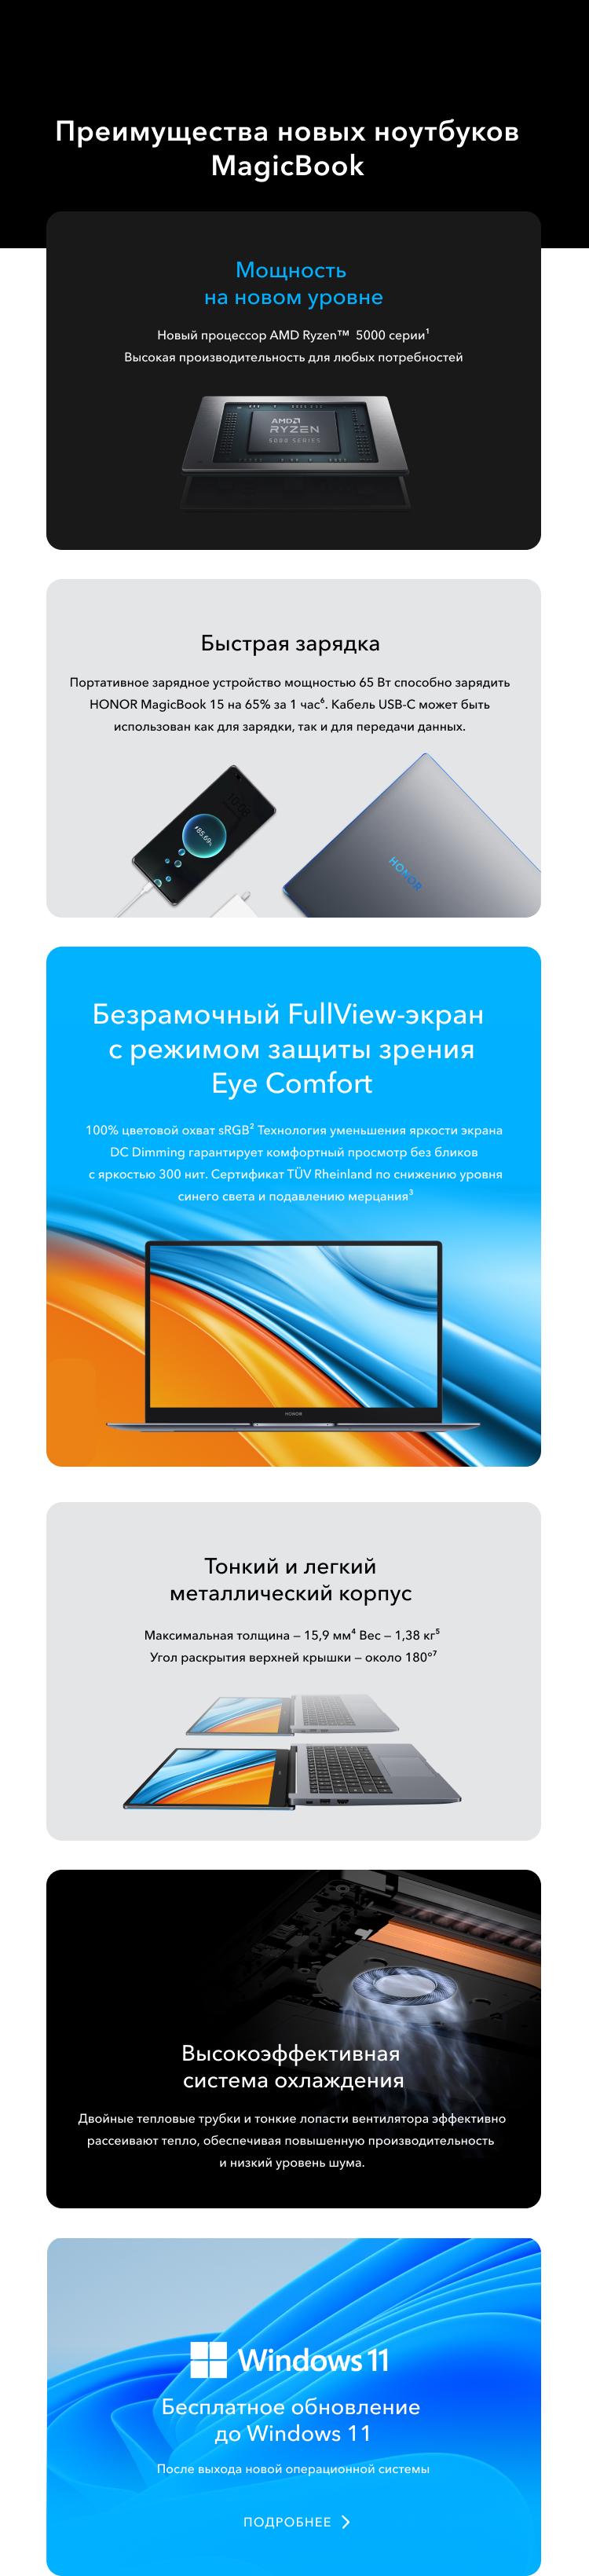 Преимущества новых ноутбуков MagicBook: Мощность  на новом уровне. Быстрая зарядка. Безрамочный FullView-экран  с режимом защиты зрения  Eye Comfort